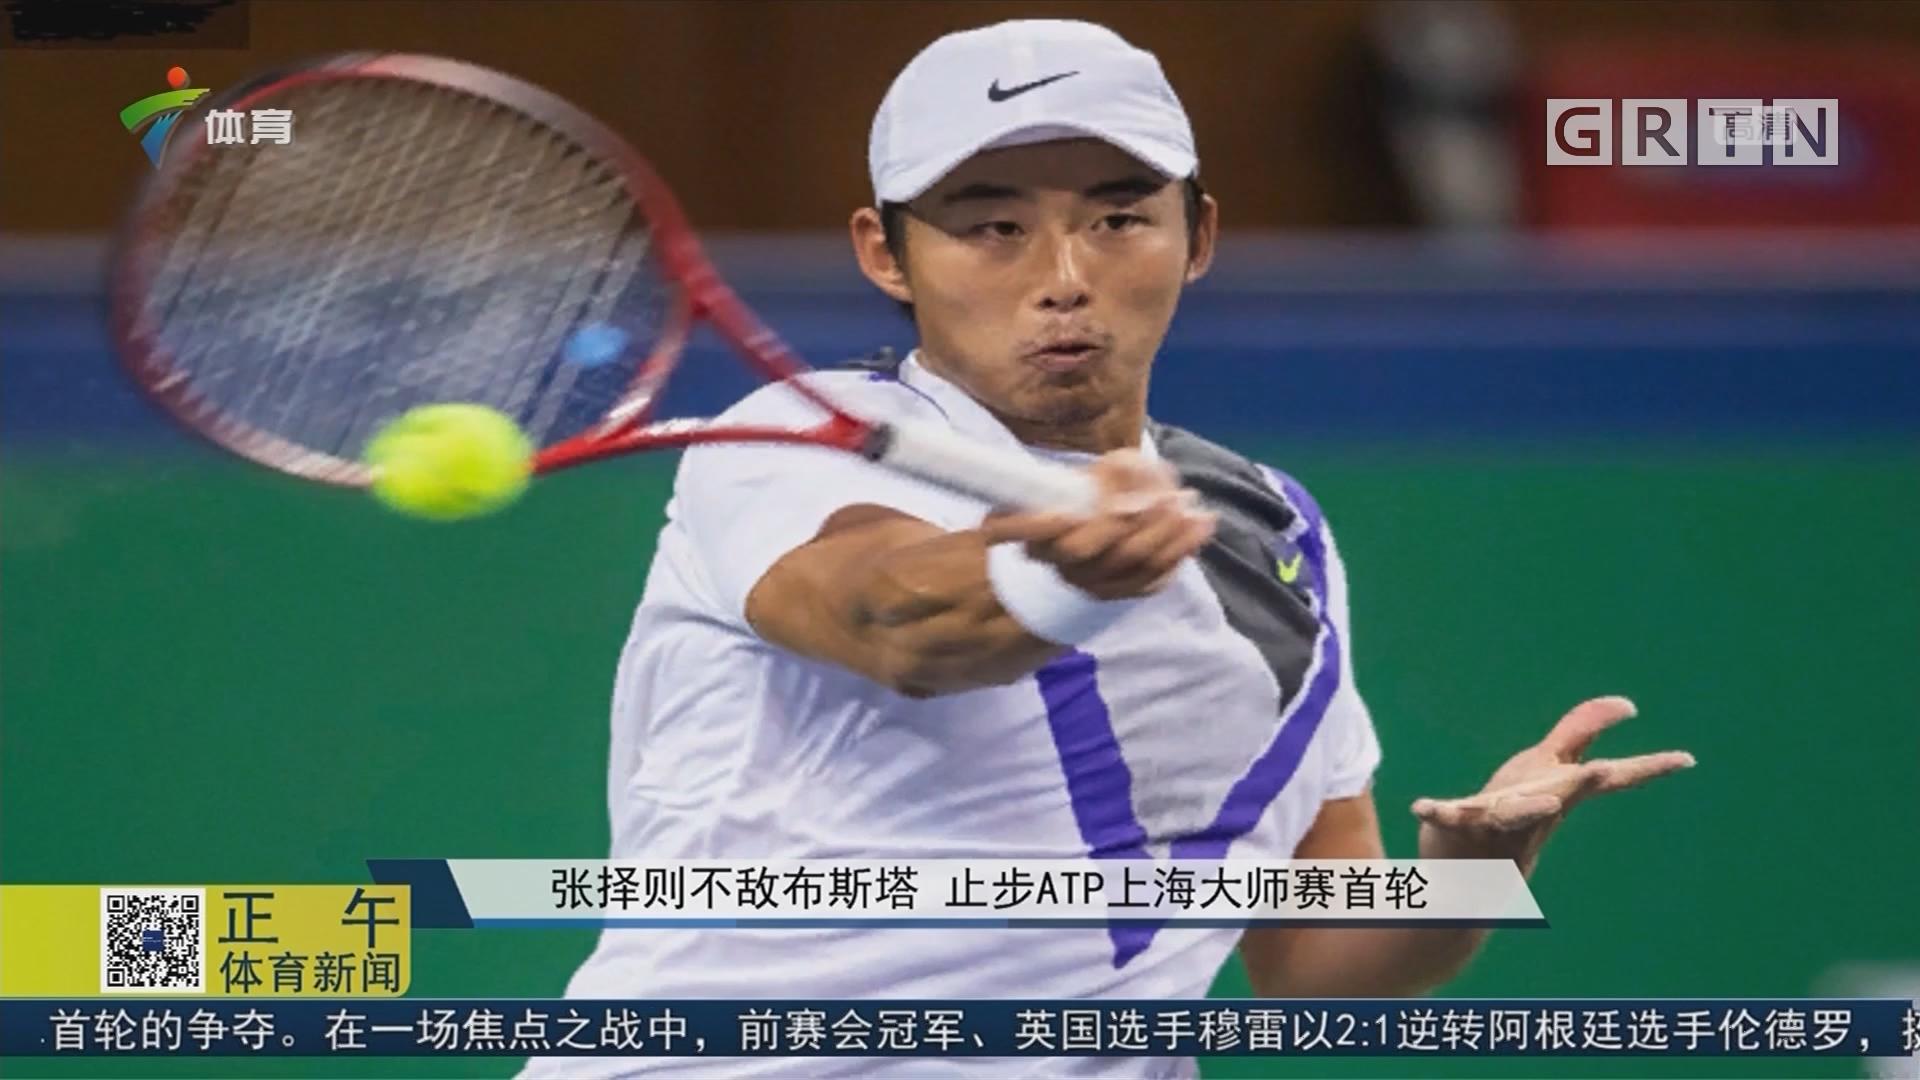 张择不敌布斯塔 止步ATP上海大师赛首轮